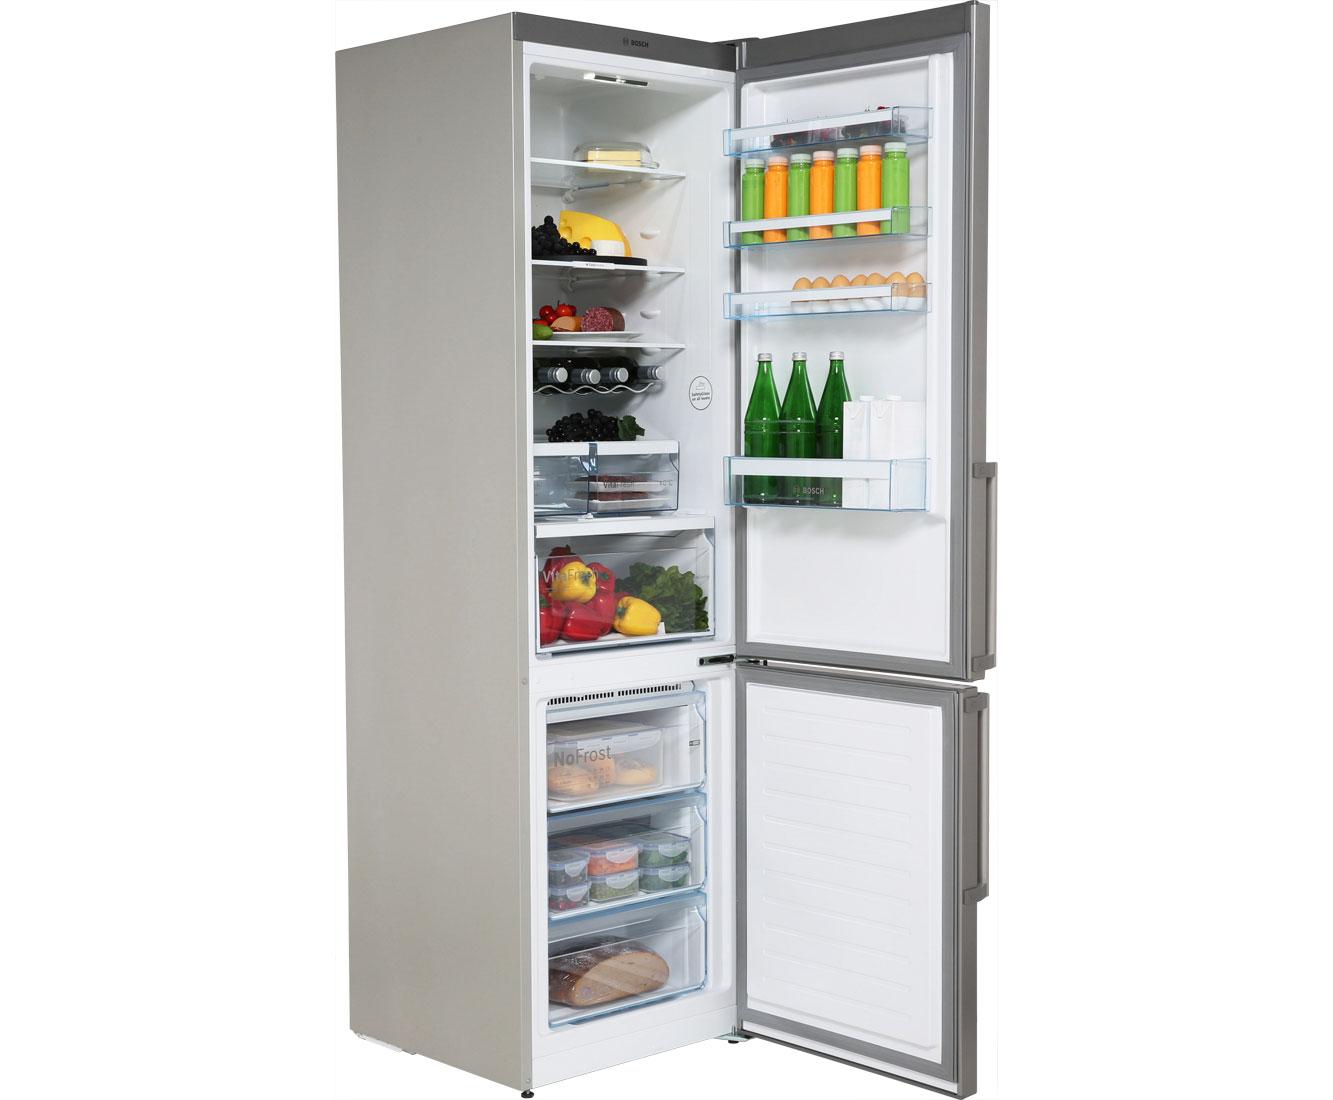 Bosch Kühlschrank Kgn 39 Xi 47 : Kühl gefrierkombis online kaufen möbel suchmaschine ladendirekt.de